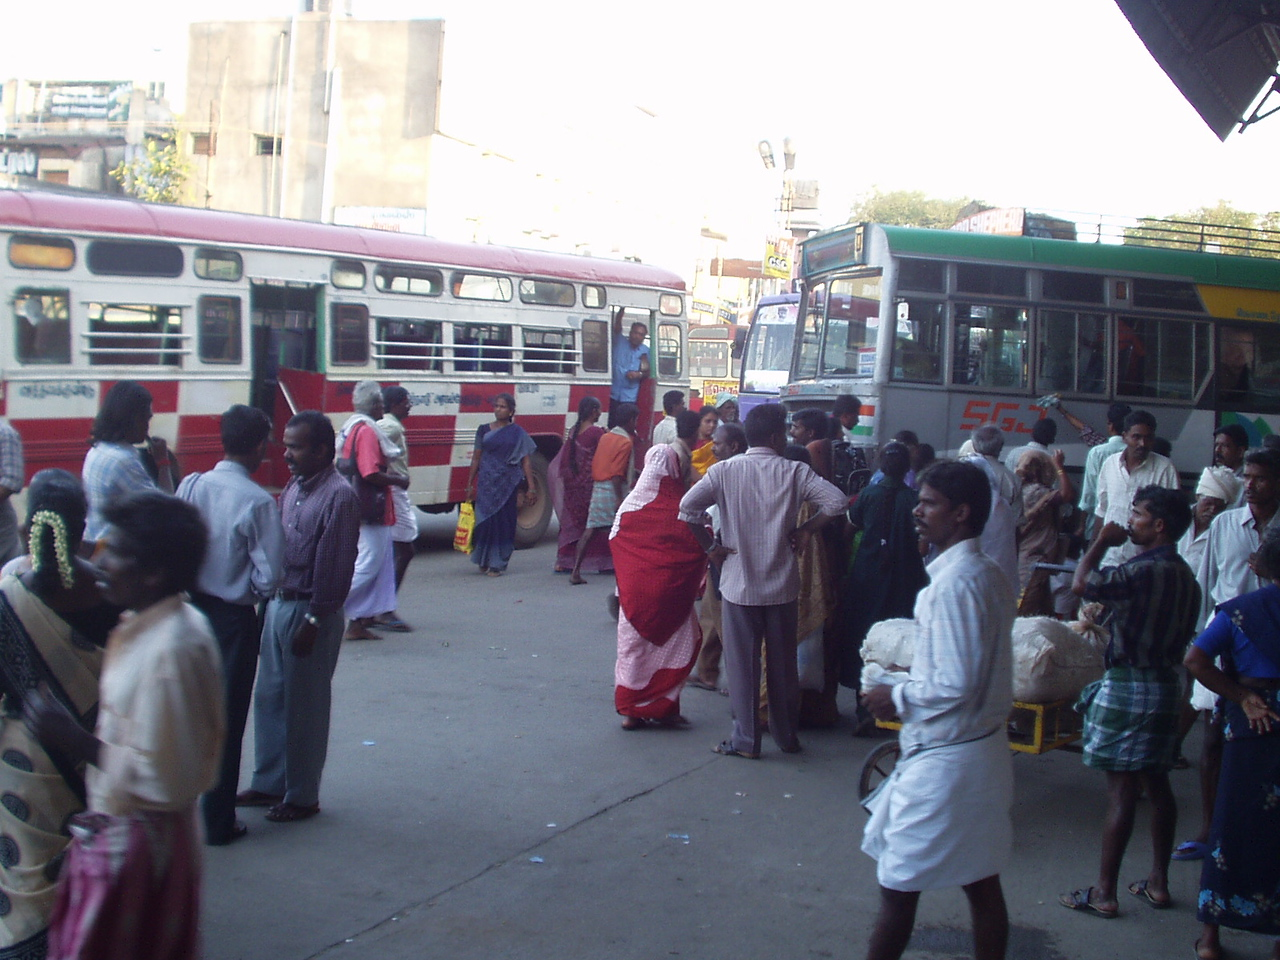 Bus chaos 2